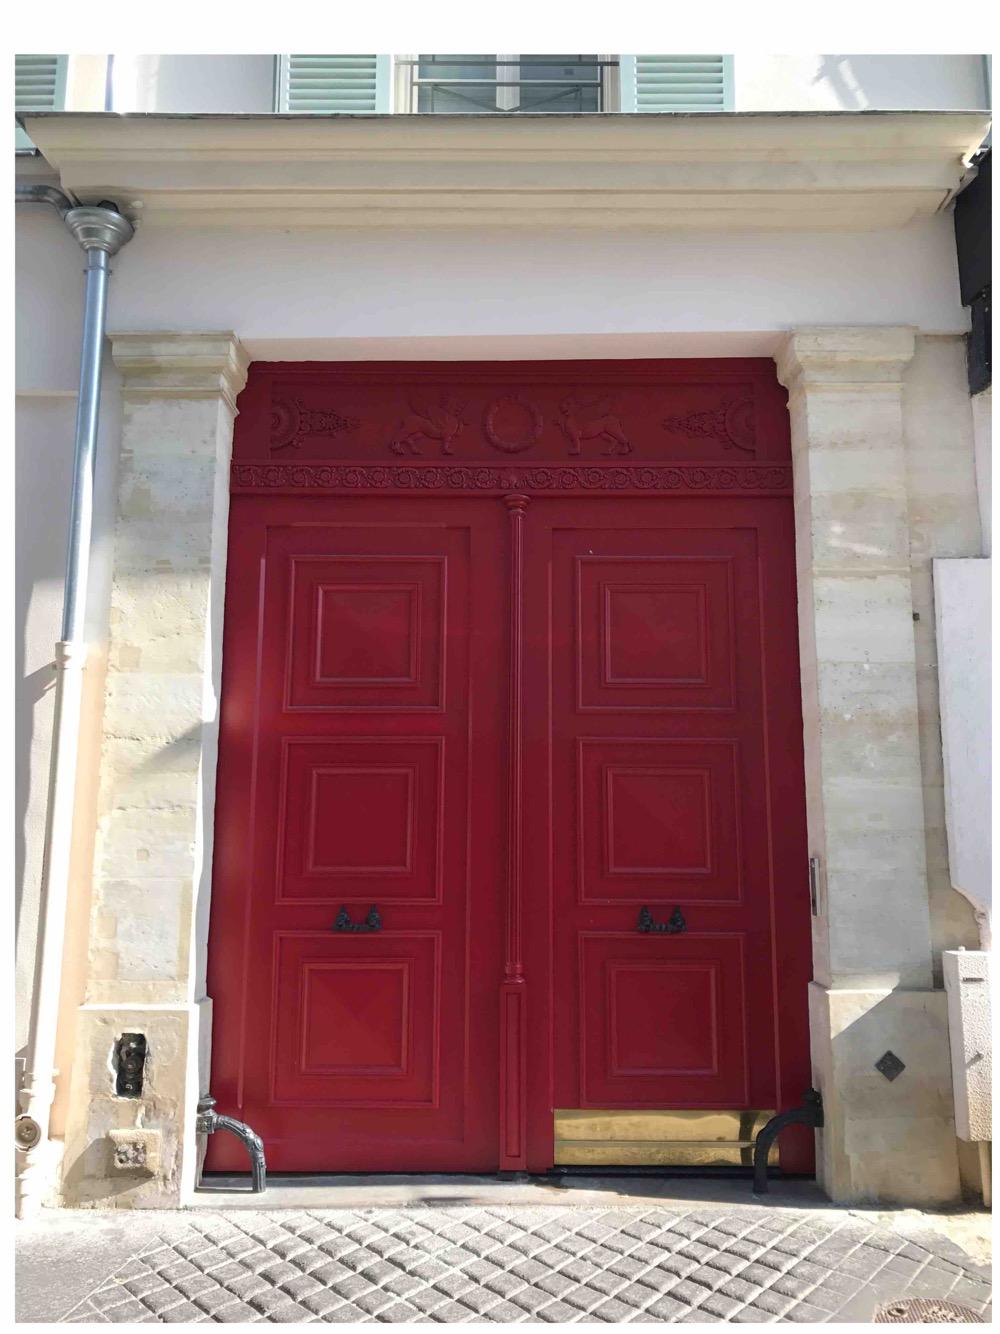 Porte Cochère - 2 Rue Lemercier - Paris 17